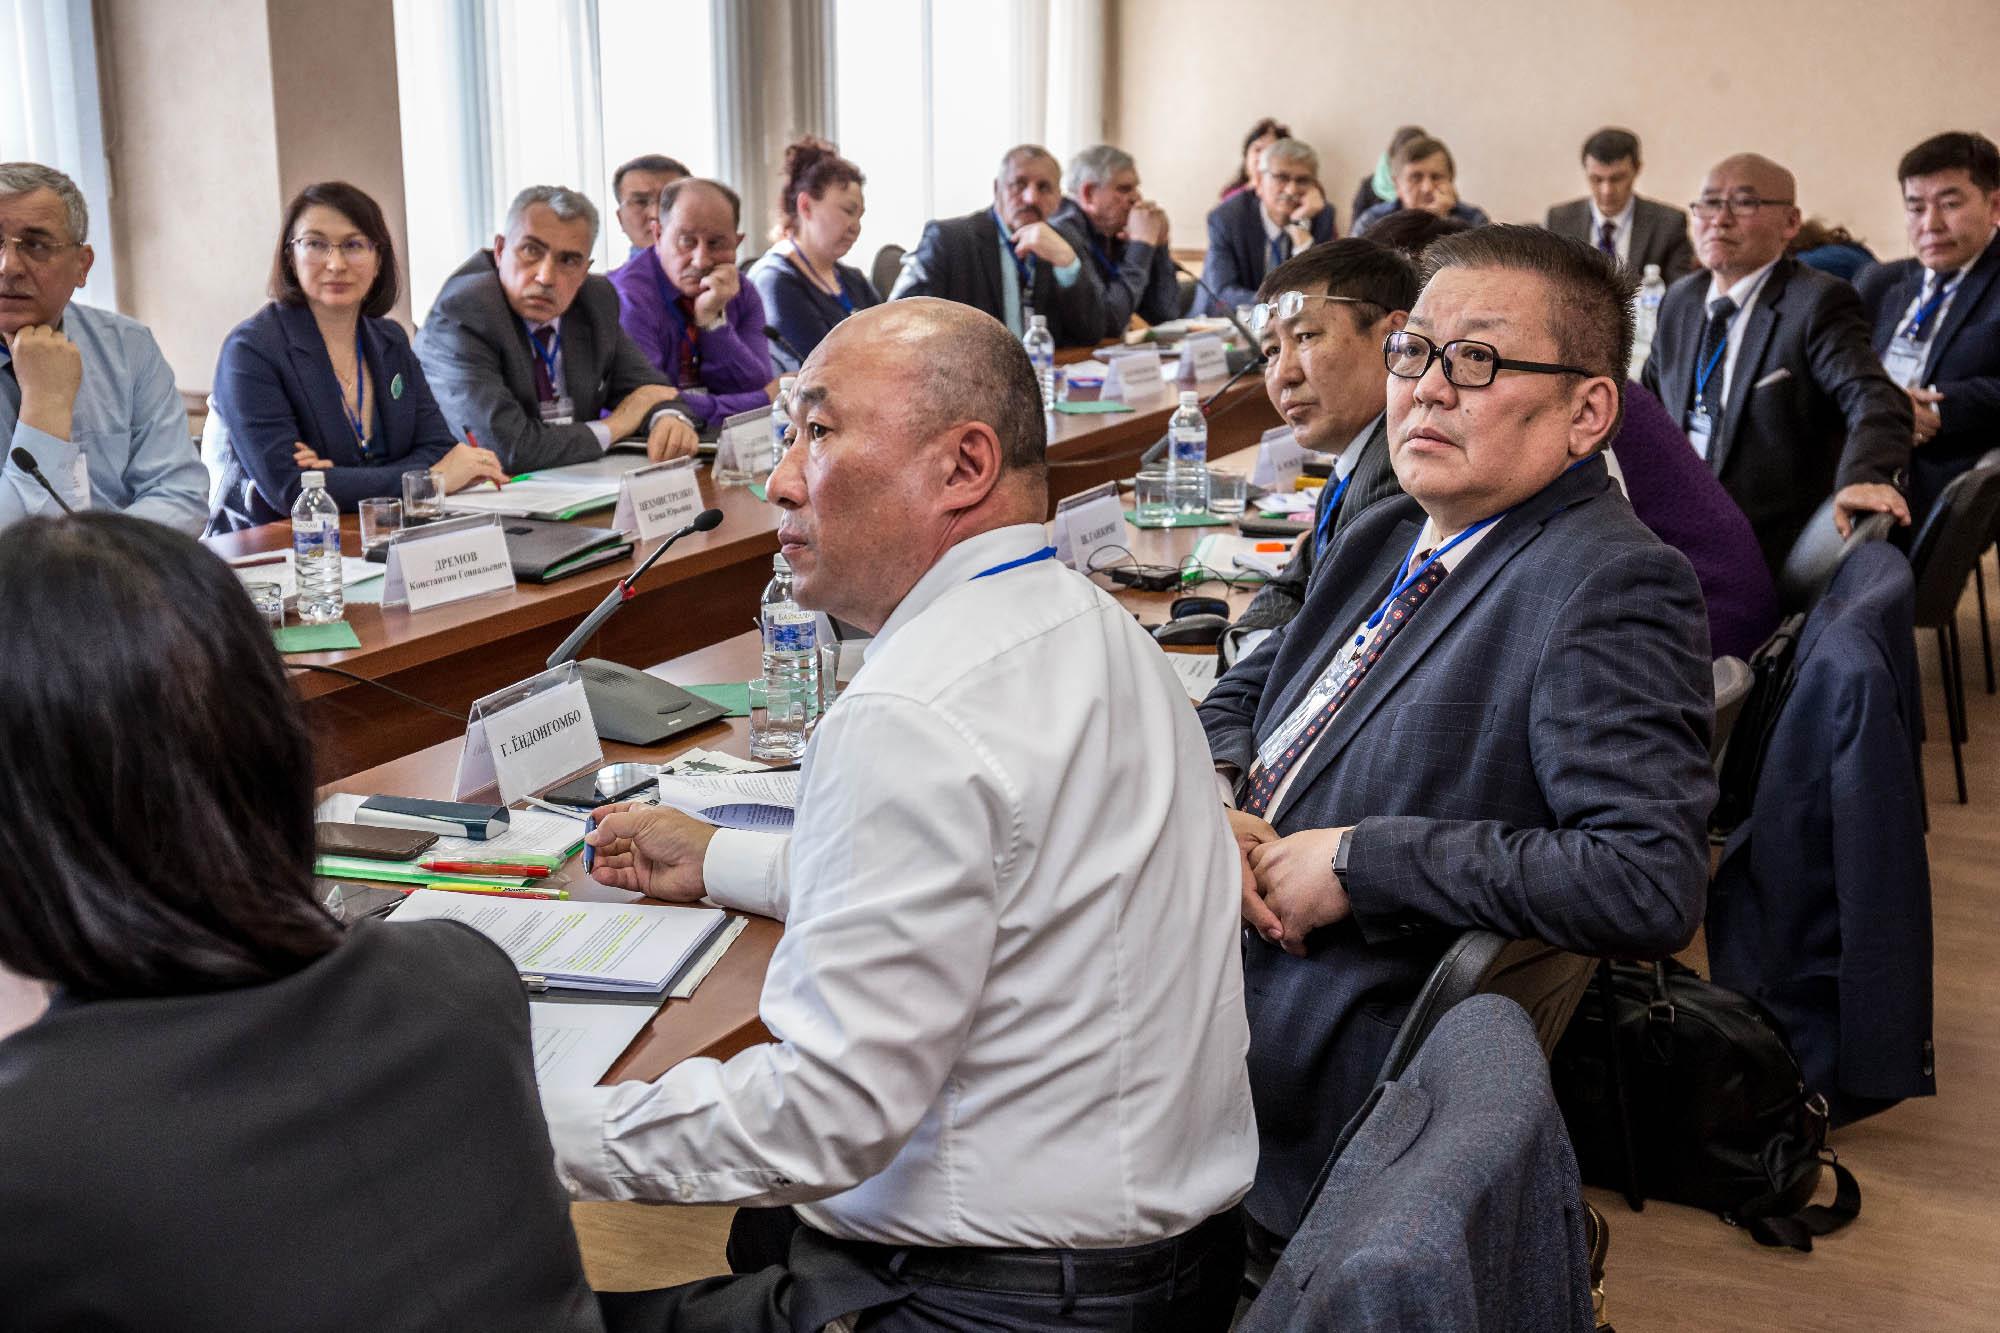 Первое заседание российско-монгольской Рабочей подгруппы по «Научному сопровождению разработки материалов для комплексного рассмотрения вопросов, связанных с планируемым строительством в Монголии гидротехнических сооружений на водосборной территории реки Селенги»